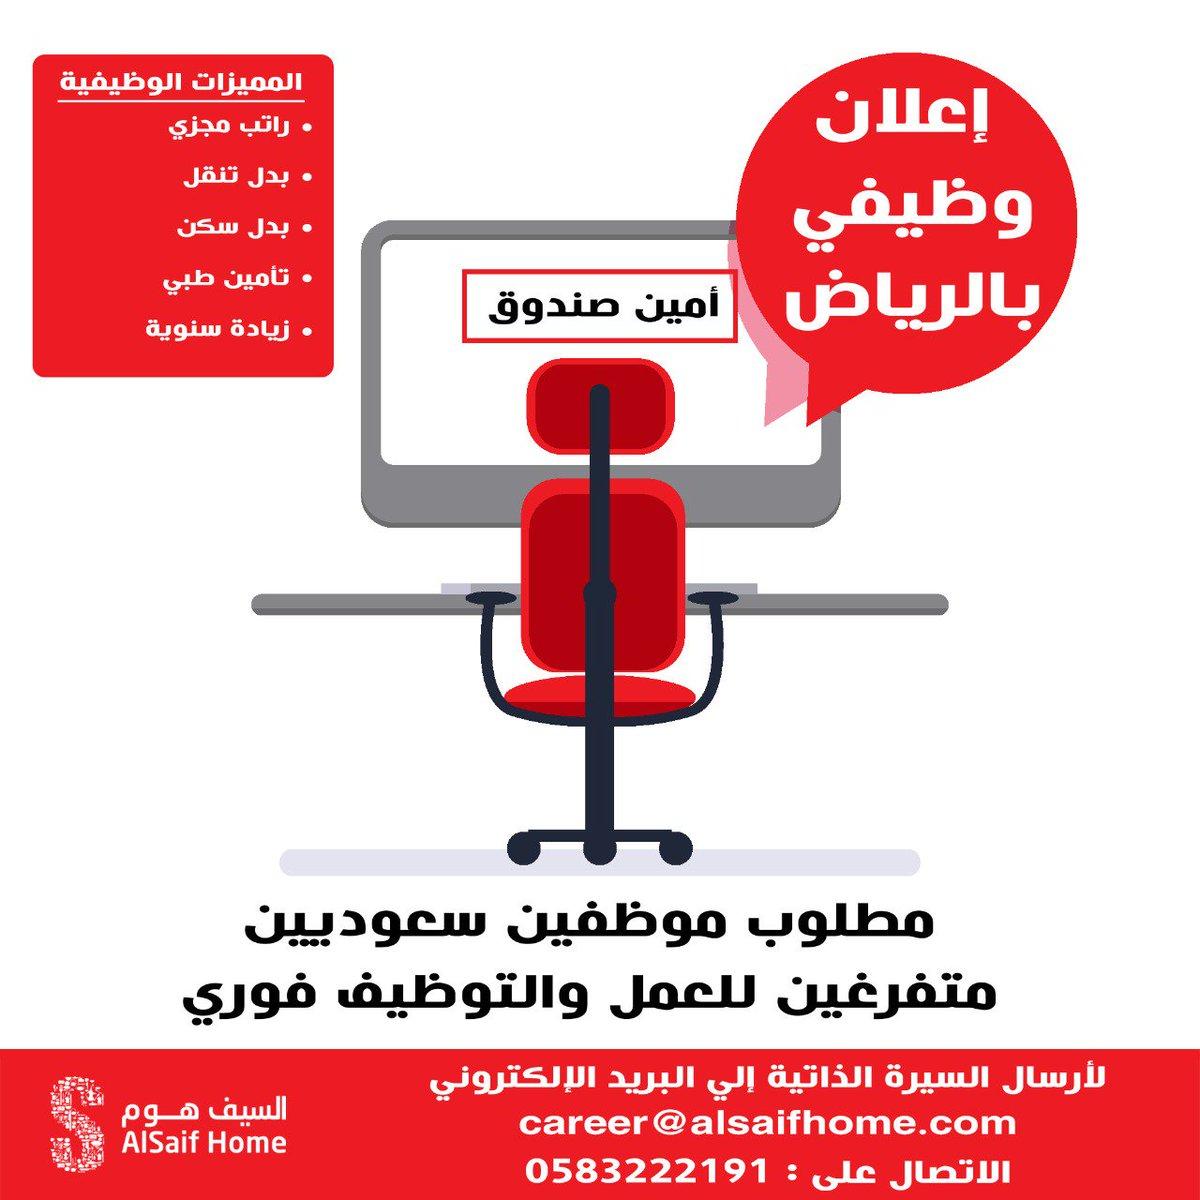 مطلوب موظفين سعوديين ( امين صندوق ) والتوظيف فوري فى شركة #السيف_هوم بالرياض   #وظائف_الرياض #وظائف @alsaifhome